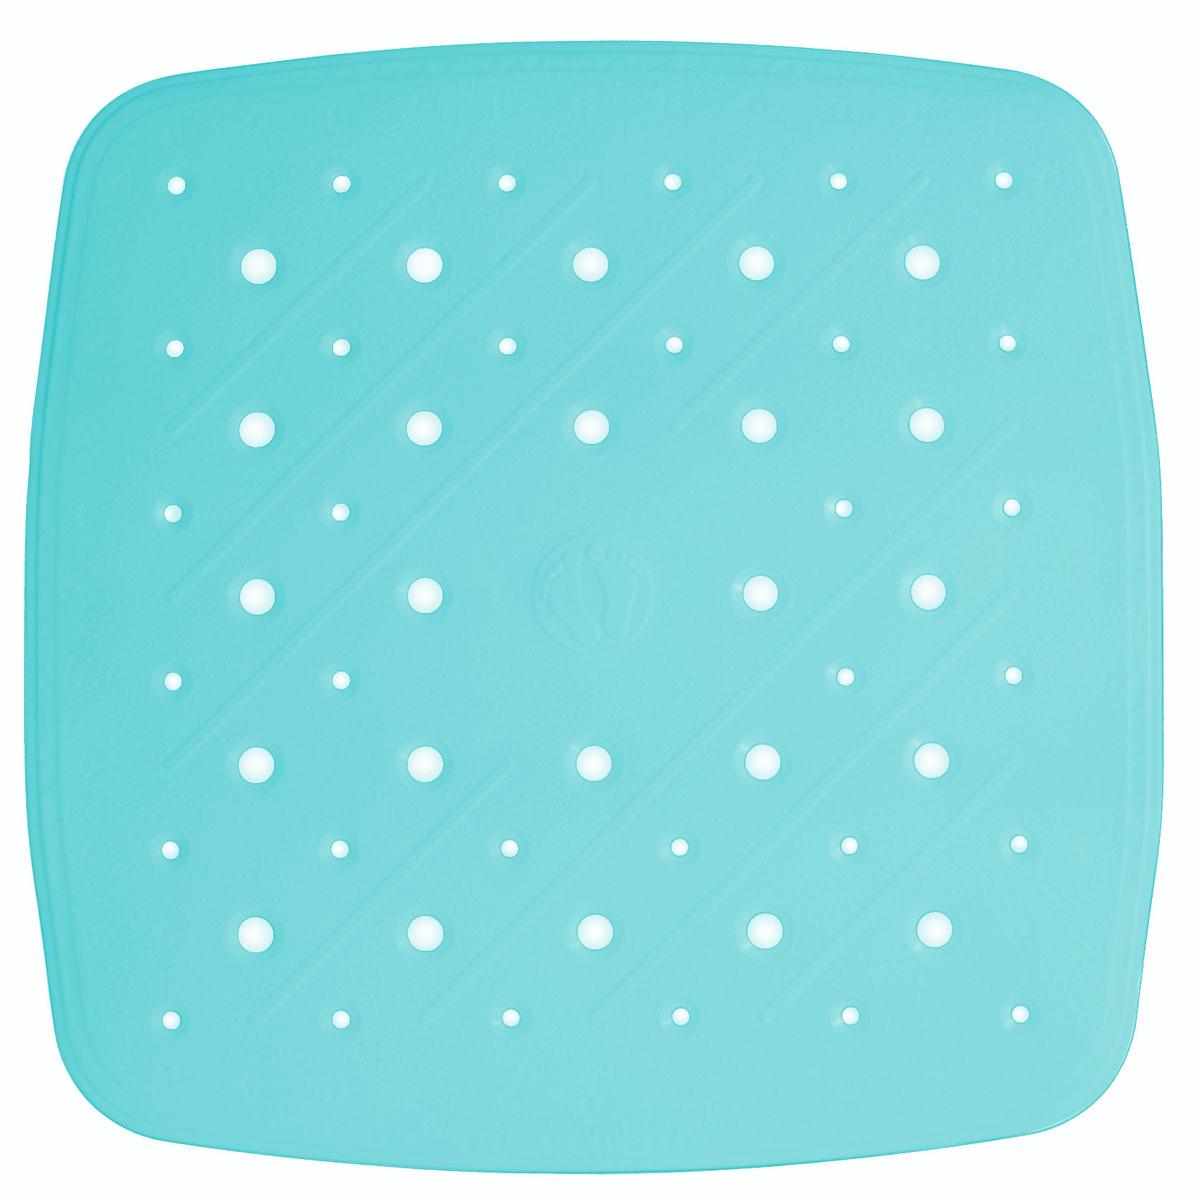 Коврик для ванной Ridder Promo, противоскользящий, на присосках, цвет: голубой, 51 х 51 см74-0060Высококачественный немецкий коврик Ridder Promo создан для вашего удобства.Состав и свойства противоскользящего коврика: - синтетический каучук и ПВХ с защитой от плесени и грибка; - имеются присоски для крепления. Безопасность изделия соответствует стандартам LGA (Германия).